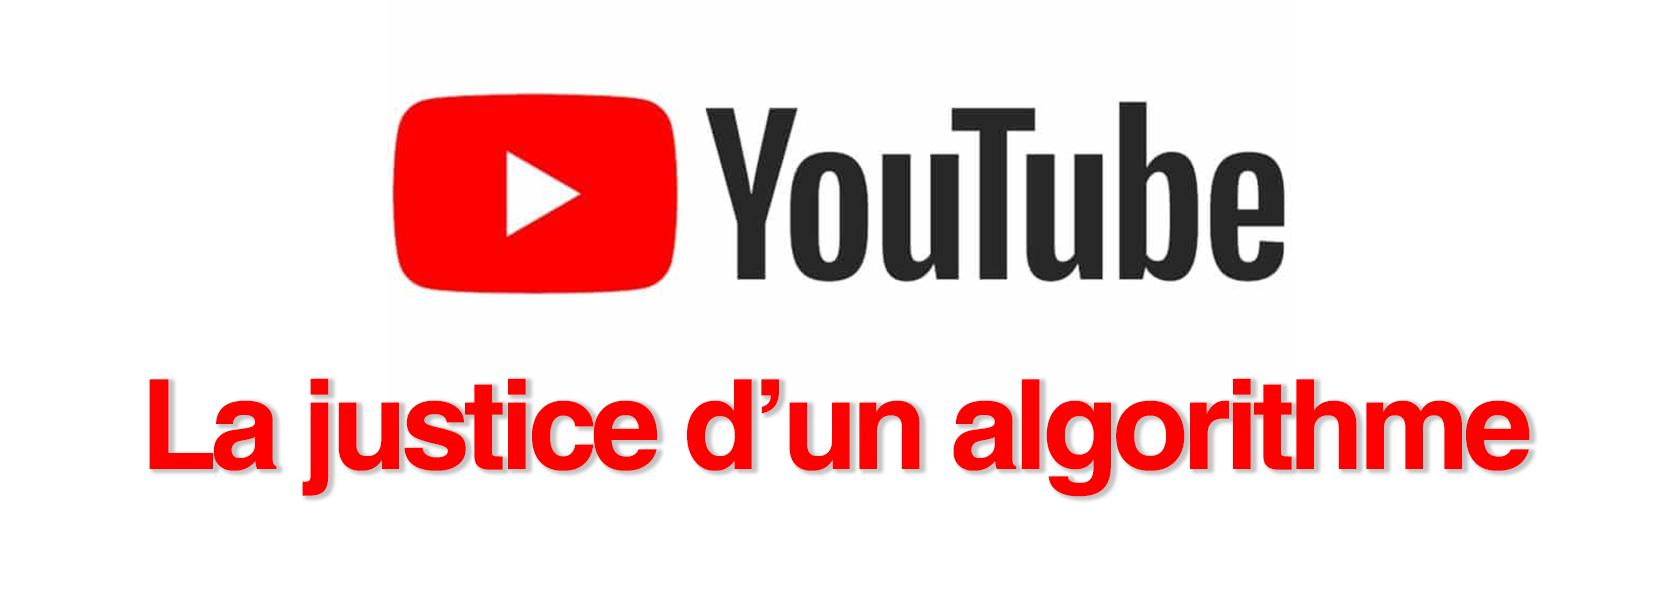 Youtube - La justice d'un algorithme